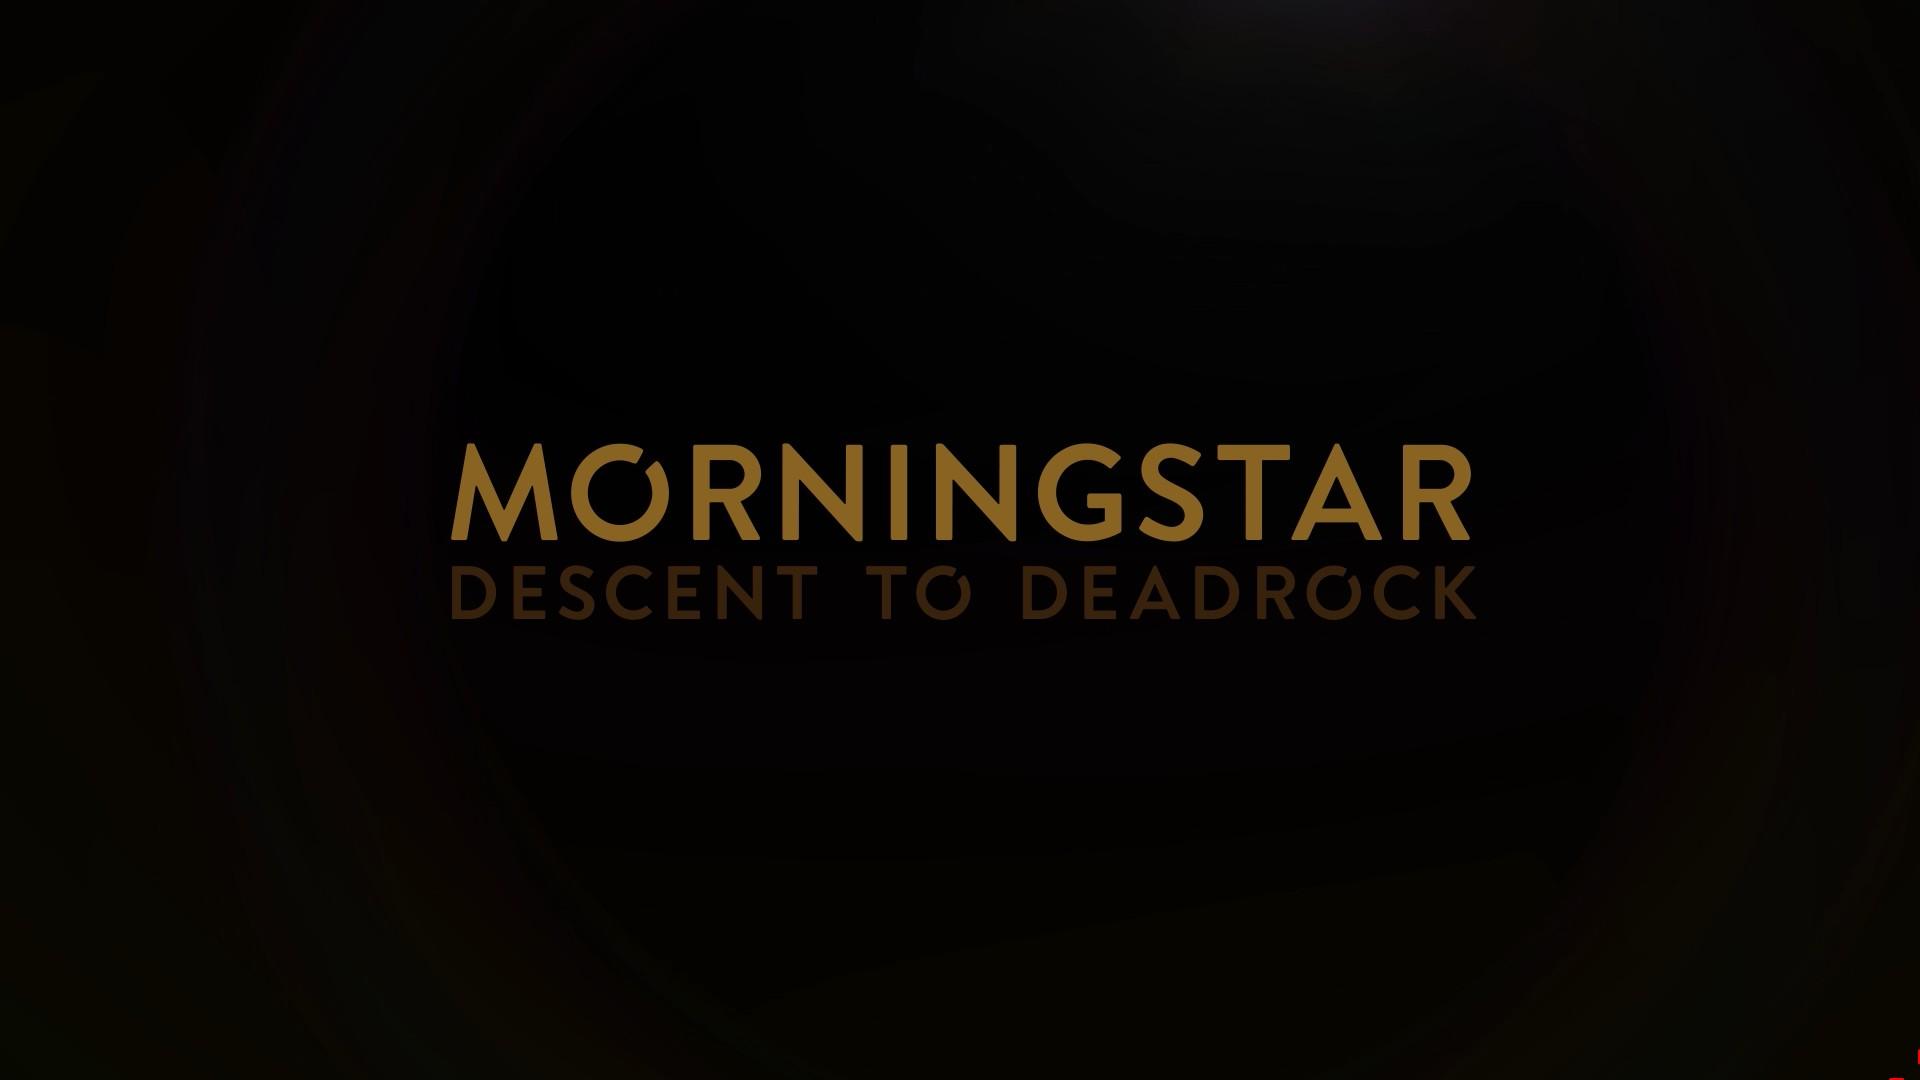 Morningstar: Descent to Deadrock